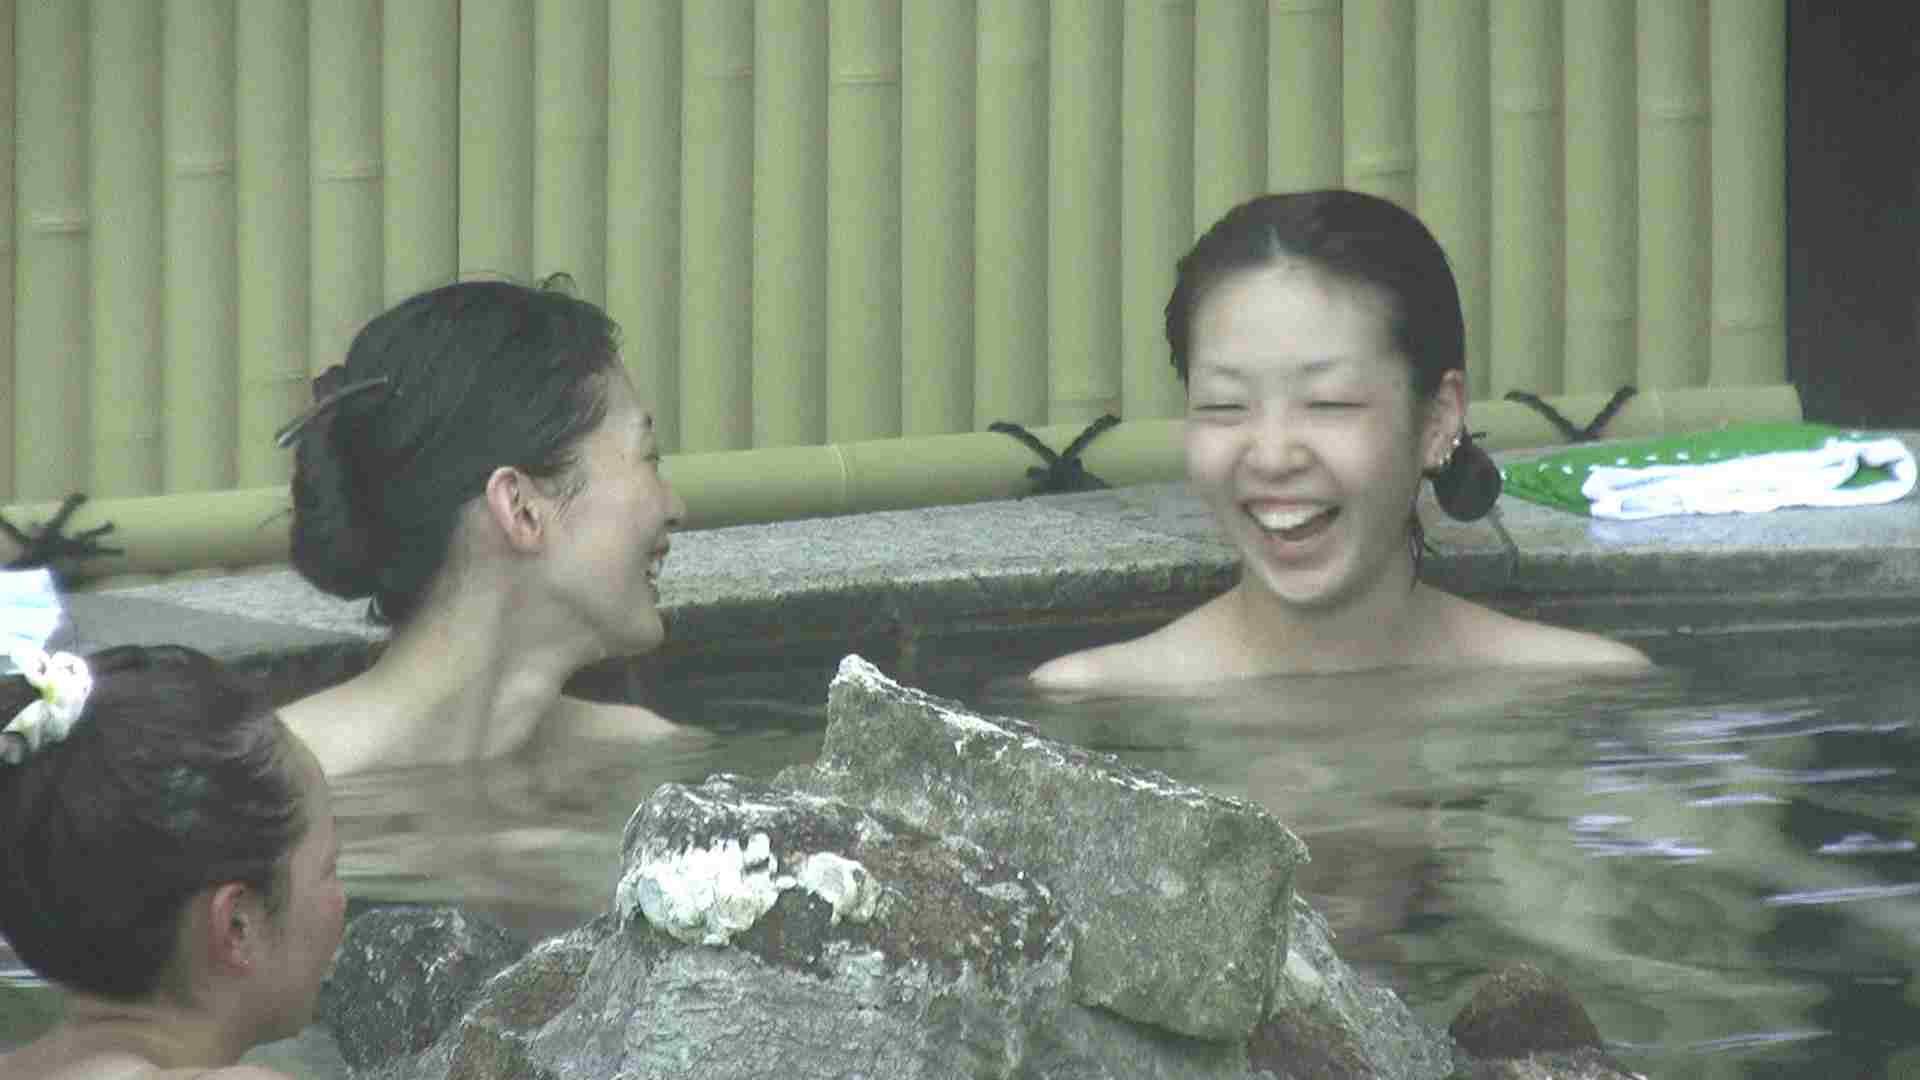 Aquaな露天風呂Vol.195 露天風呂  9枚 2